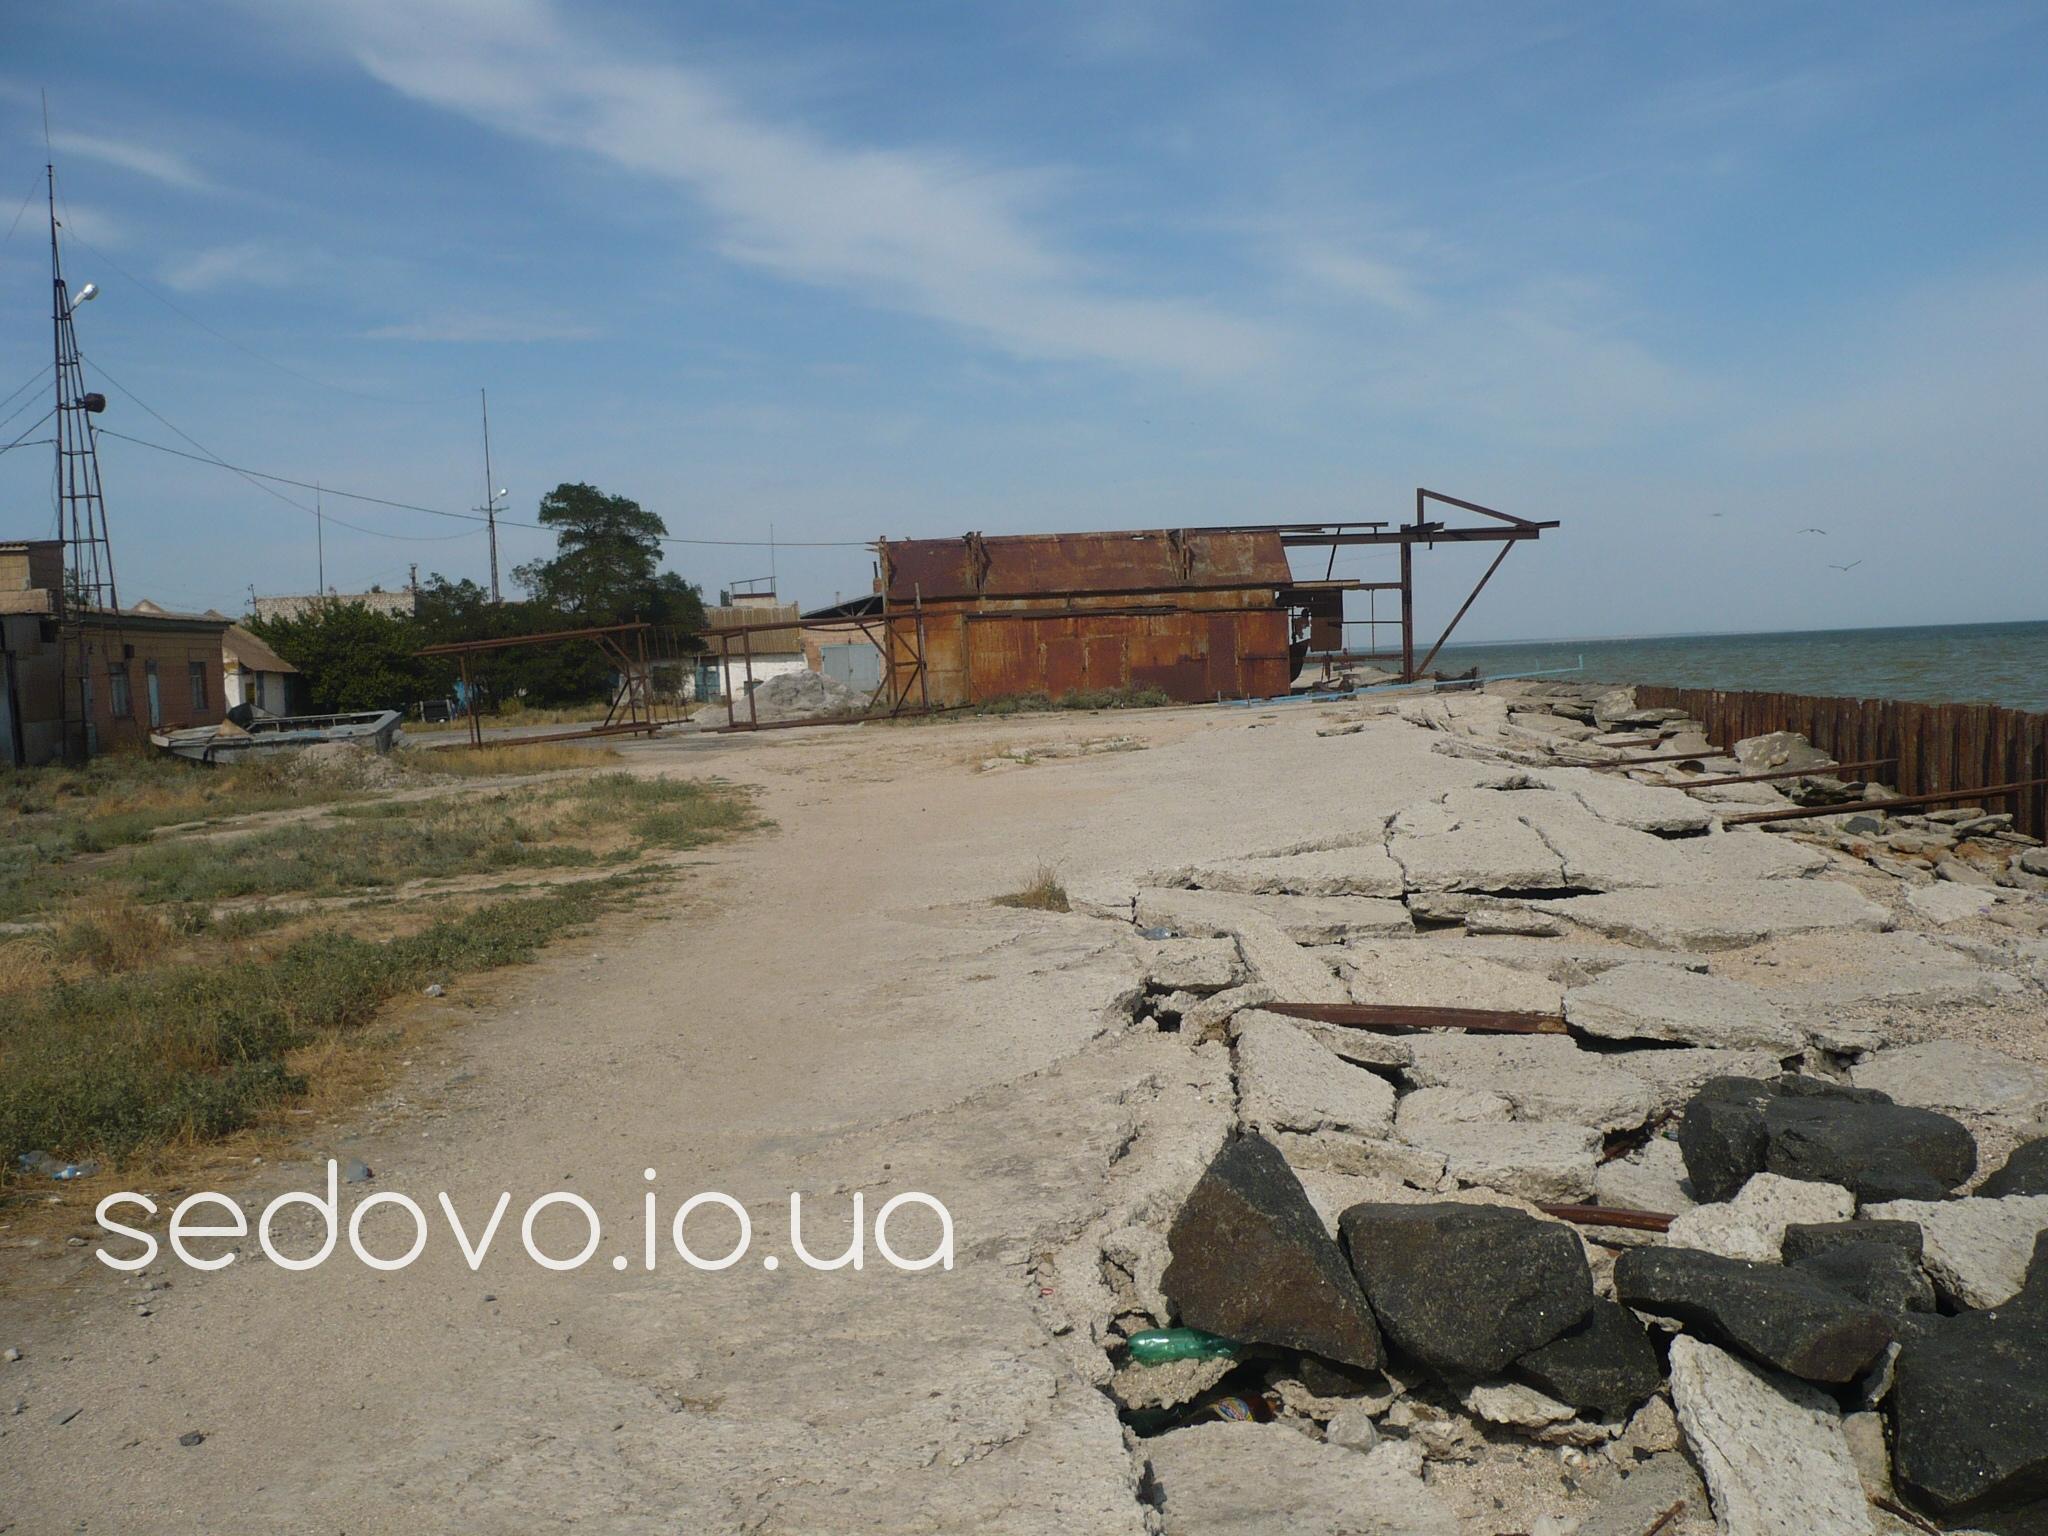 Седово центральный пляж за музеем фото